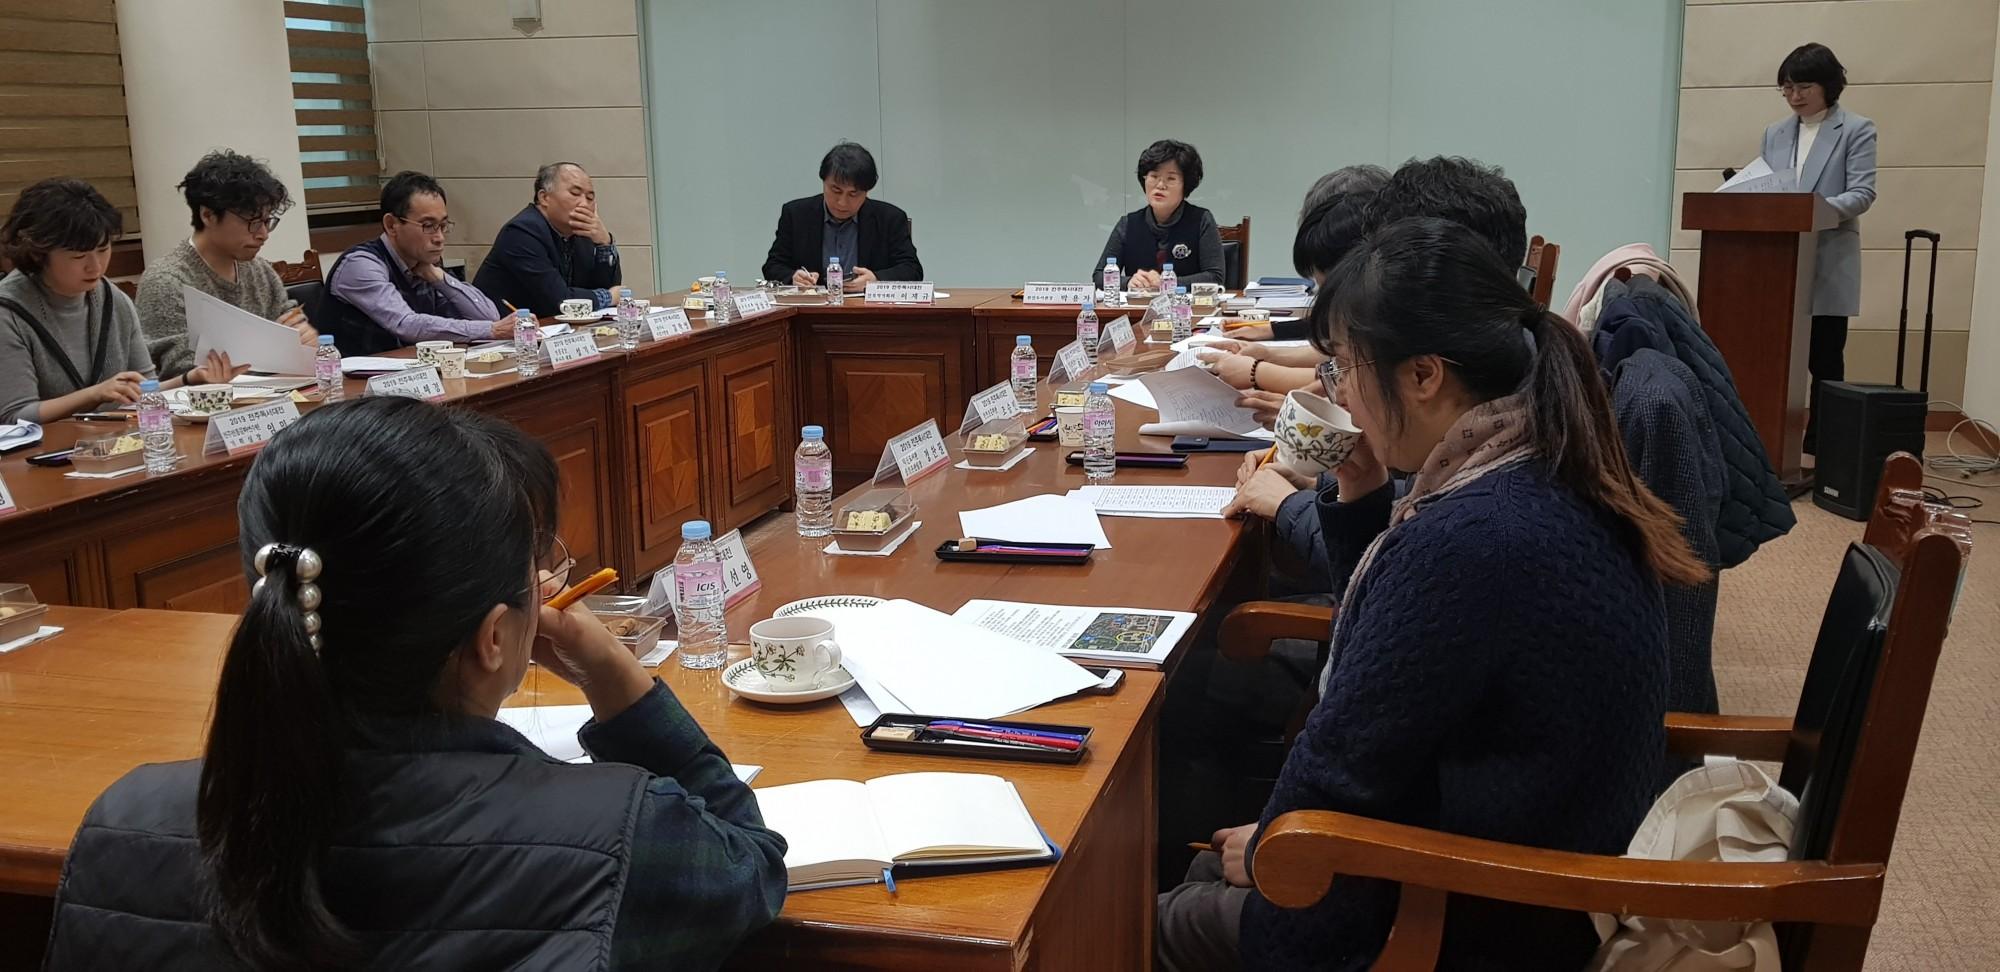 2019 전주독서대전 기본계획을 위한 간담회(2.26)